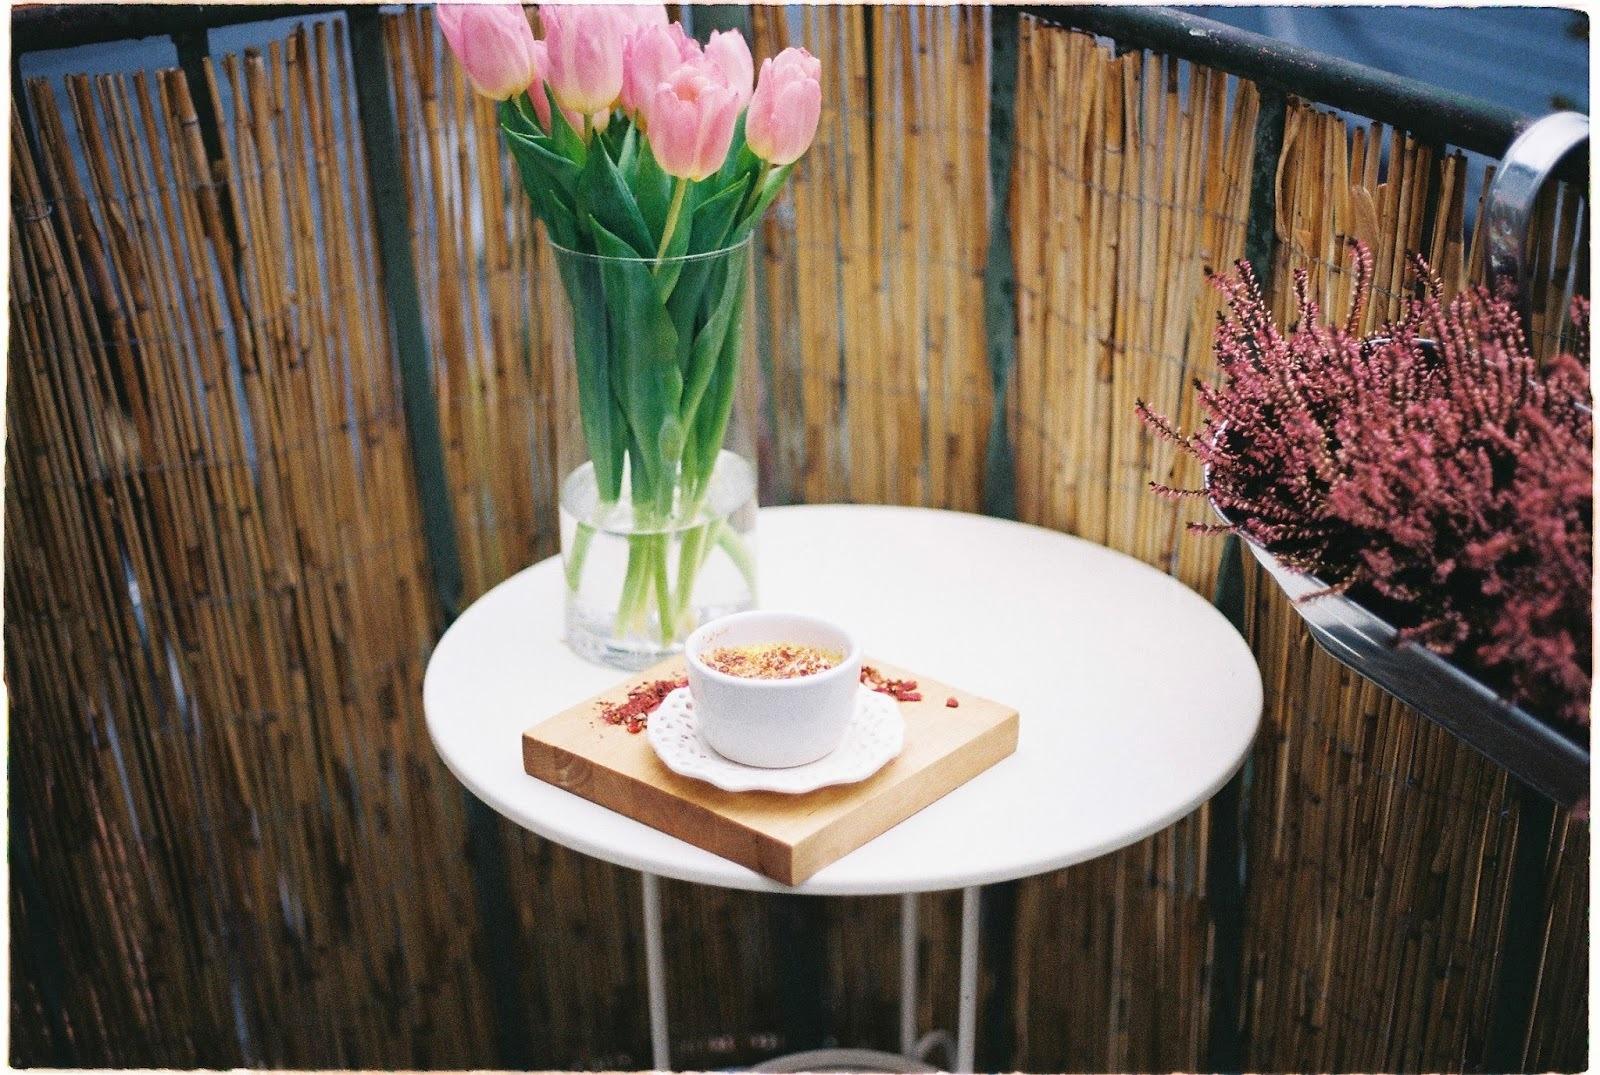 _romanticky-améliovské crème brûlée